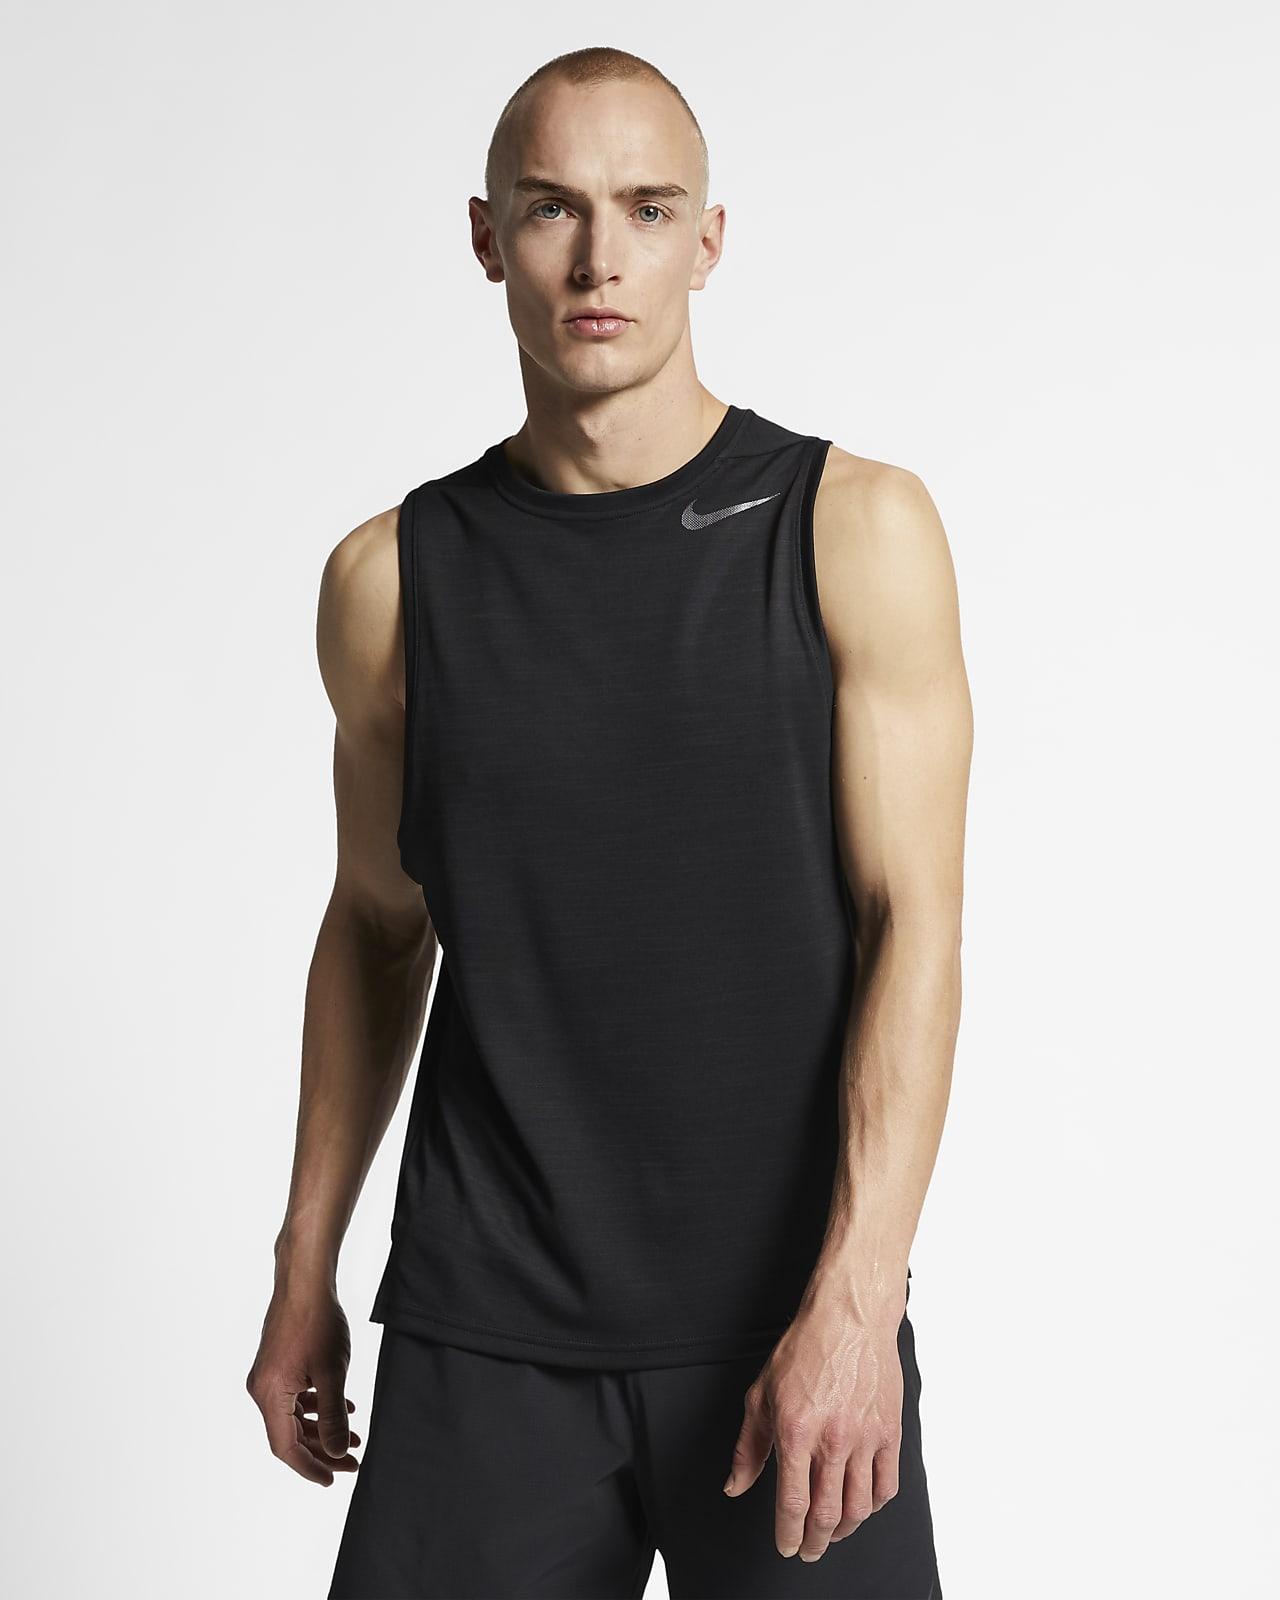 Nike Superset Men's Training Tank